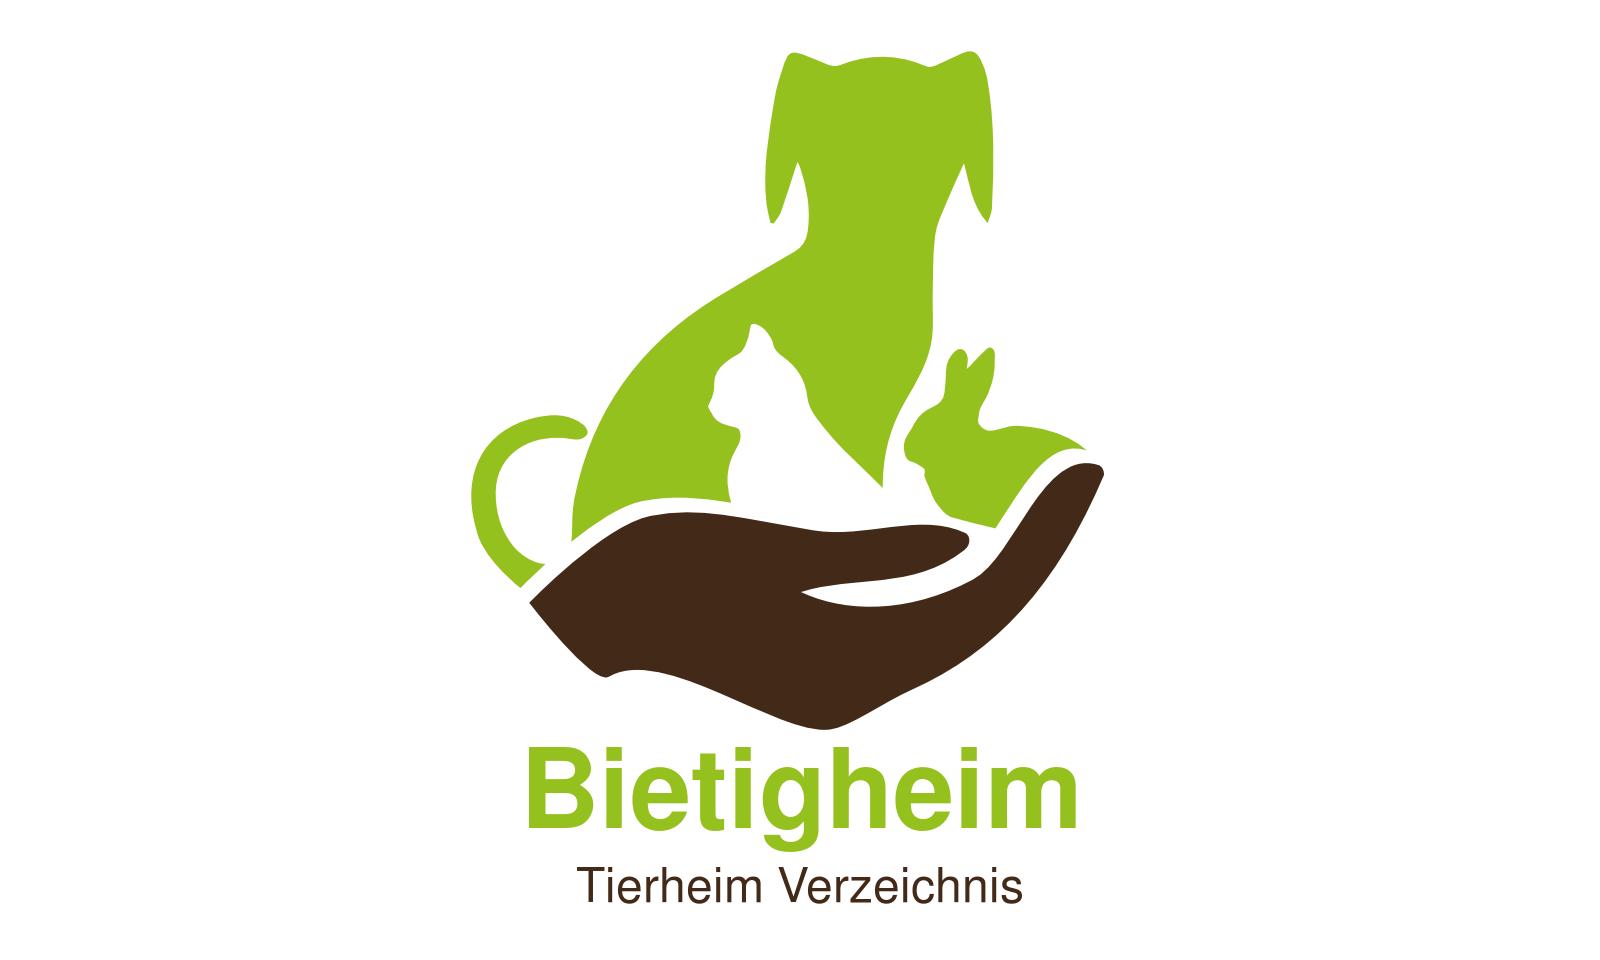 Tierheim Bietigheim